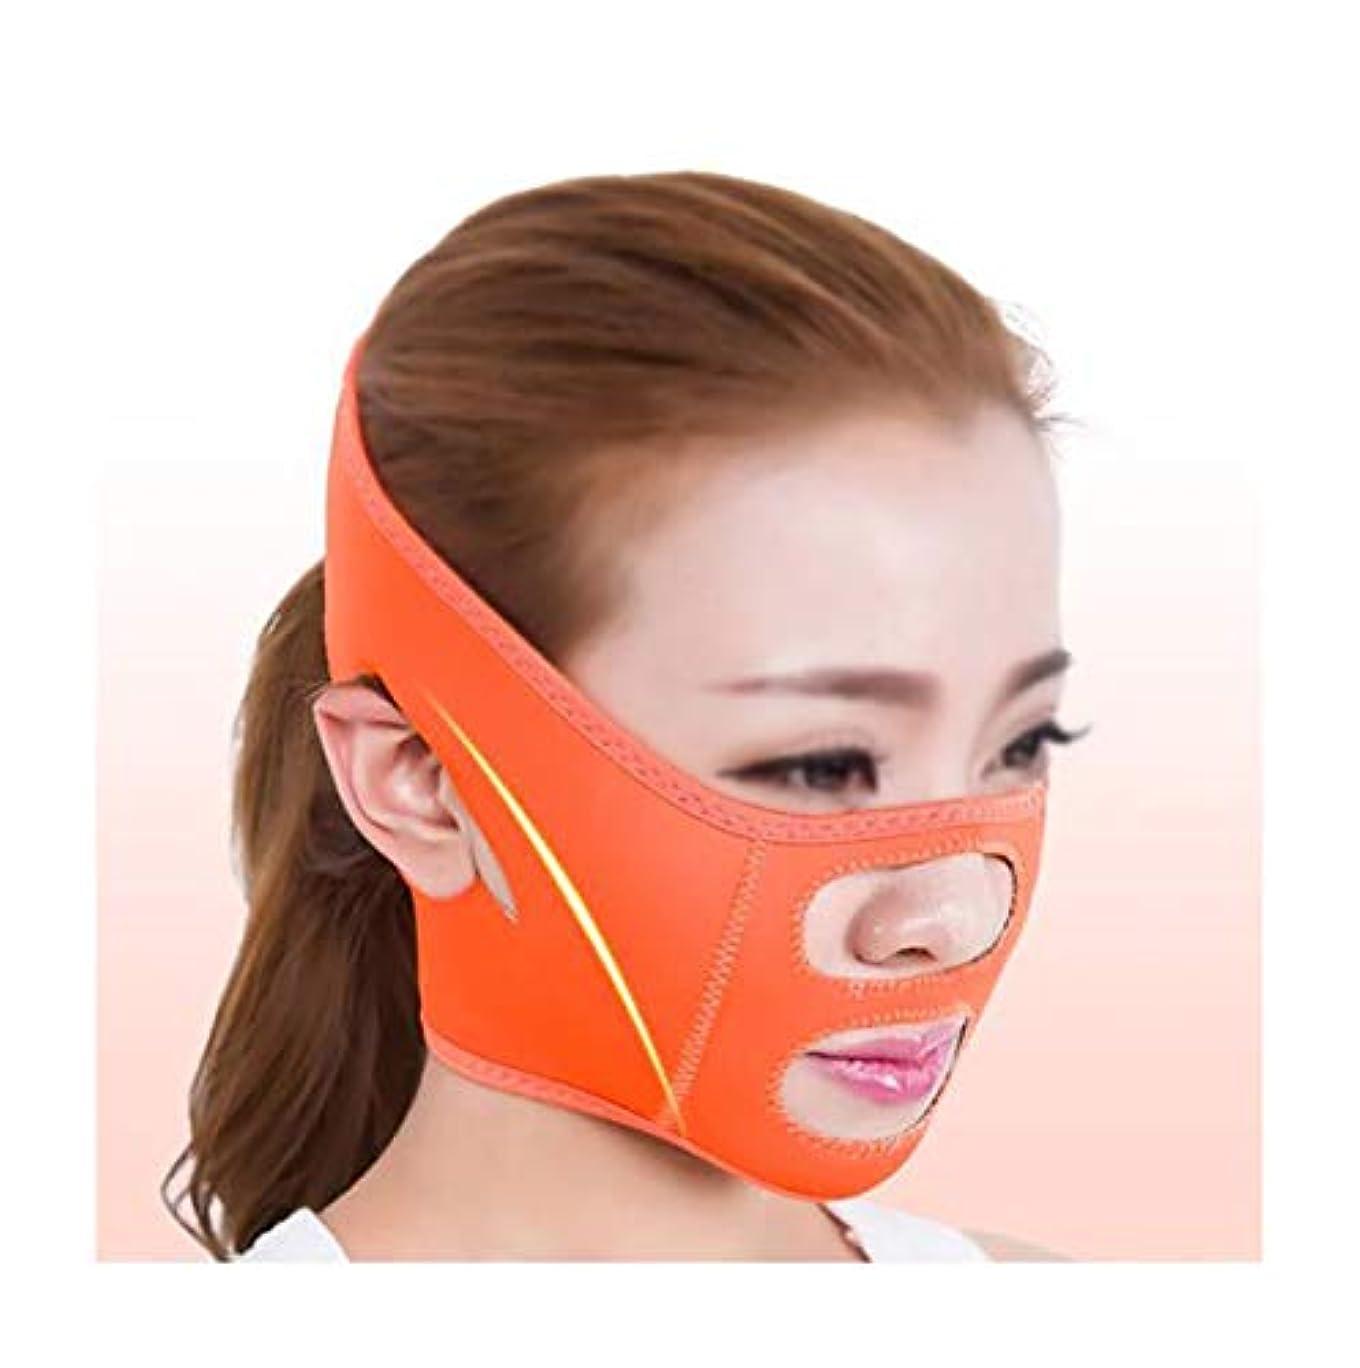 天国スカルク世界の窓XHLMRMJ 引き締めフェイスマスク、術後リフティングマスクホーム包帯揺れネットワーク赤女性vフェイスステッカーストラップ楽器フェイスアーティファクト (Color : Orange)